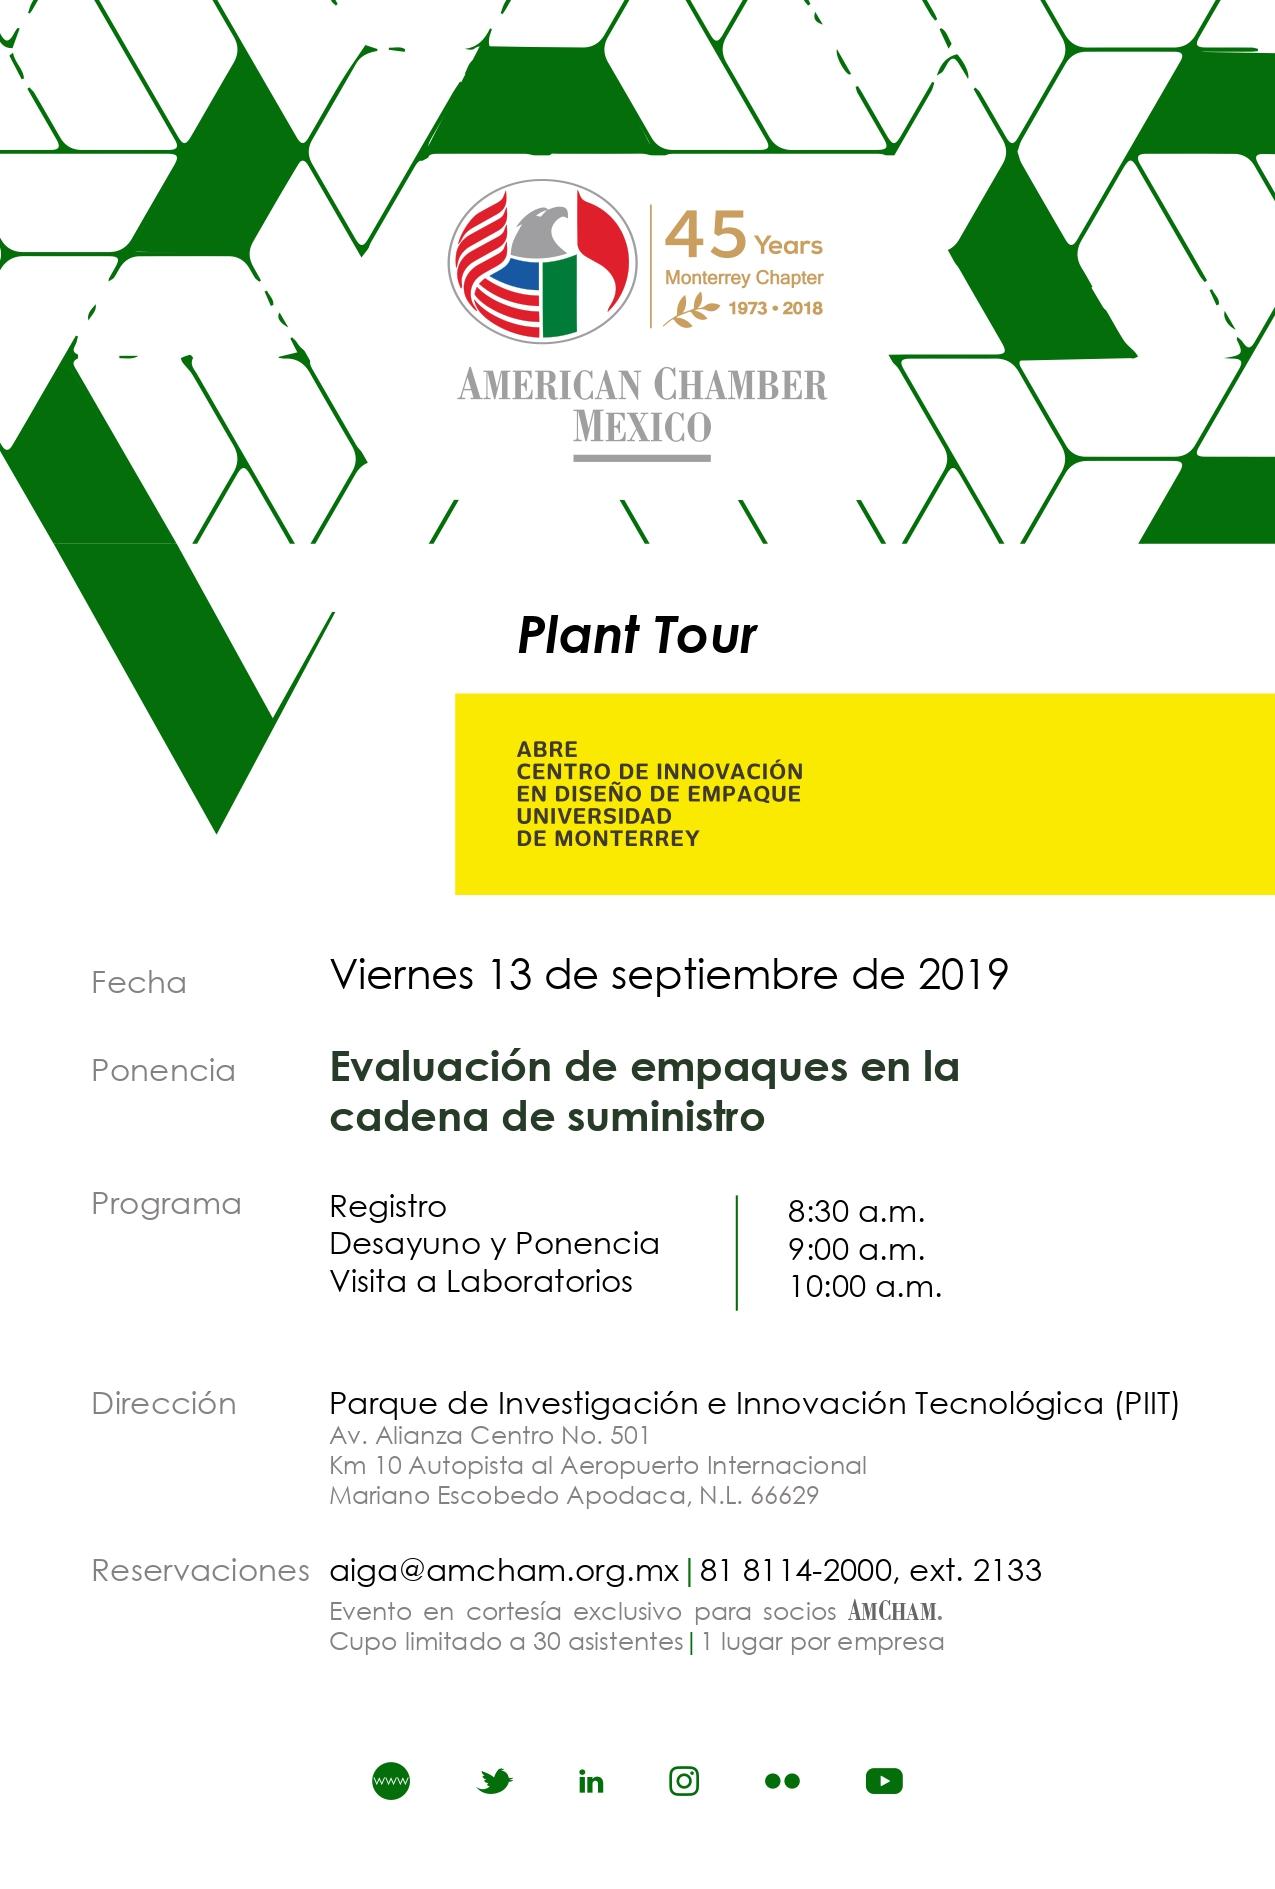 MTY Plant Tour Centro ABRE (UDEM)